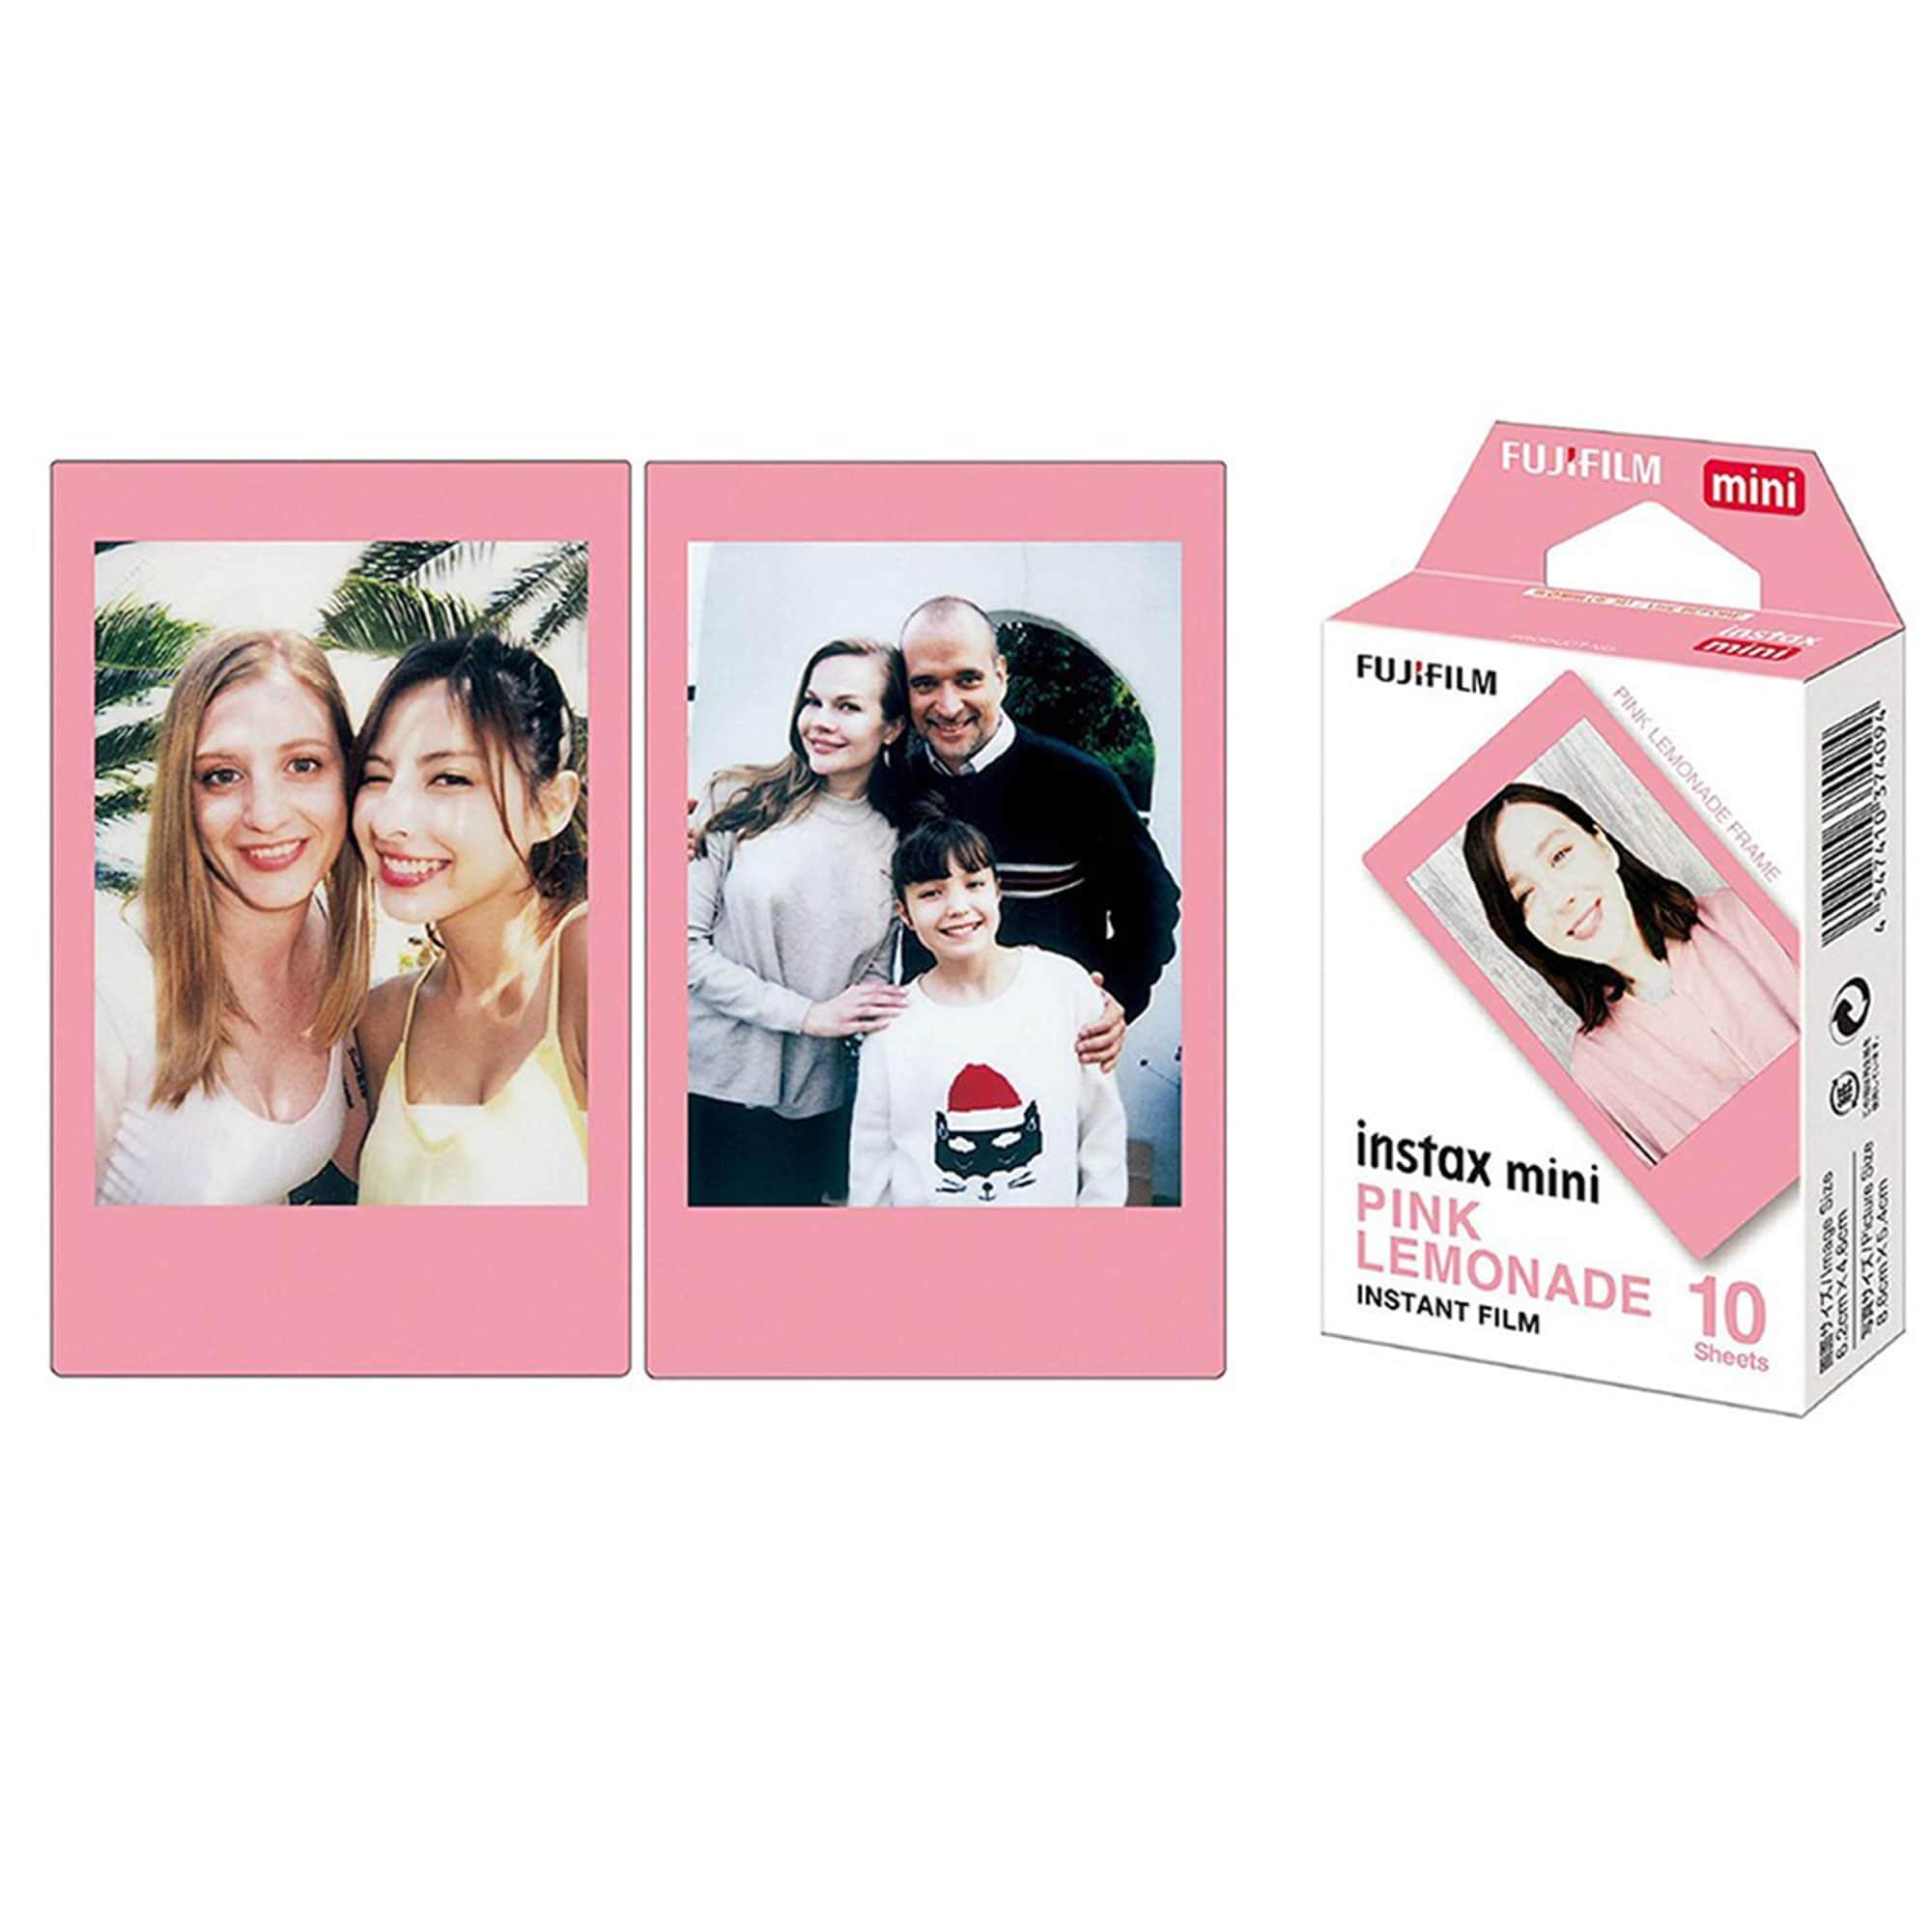 Fujifilm Instax Mini Film Pink Lemonad 10st